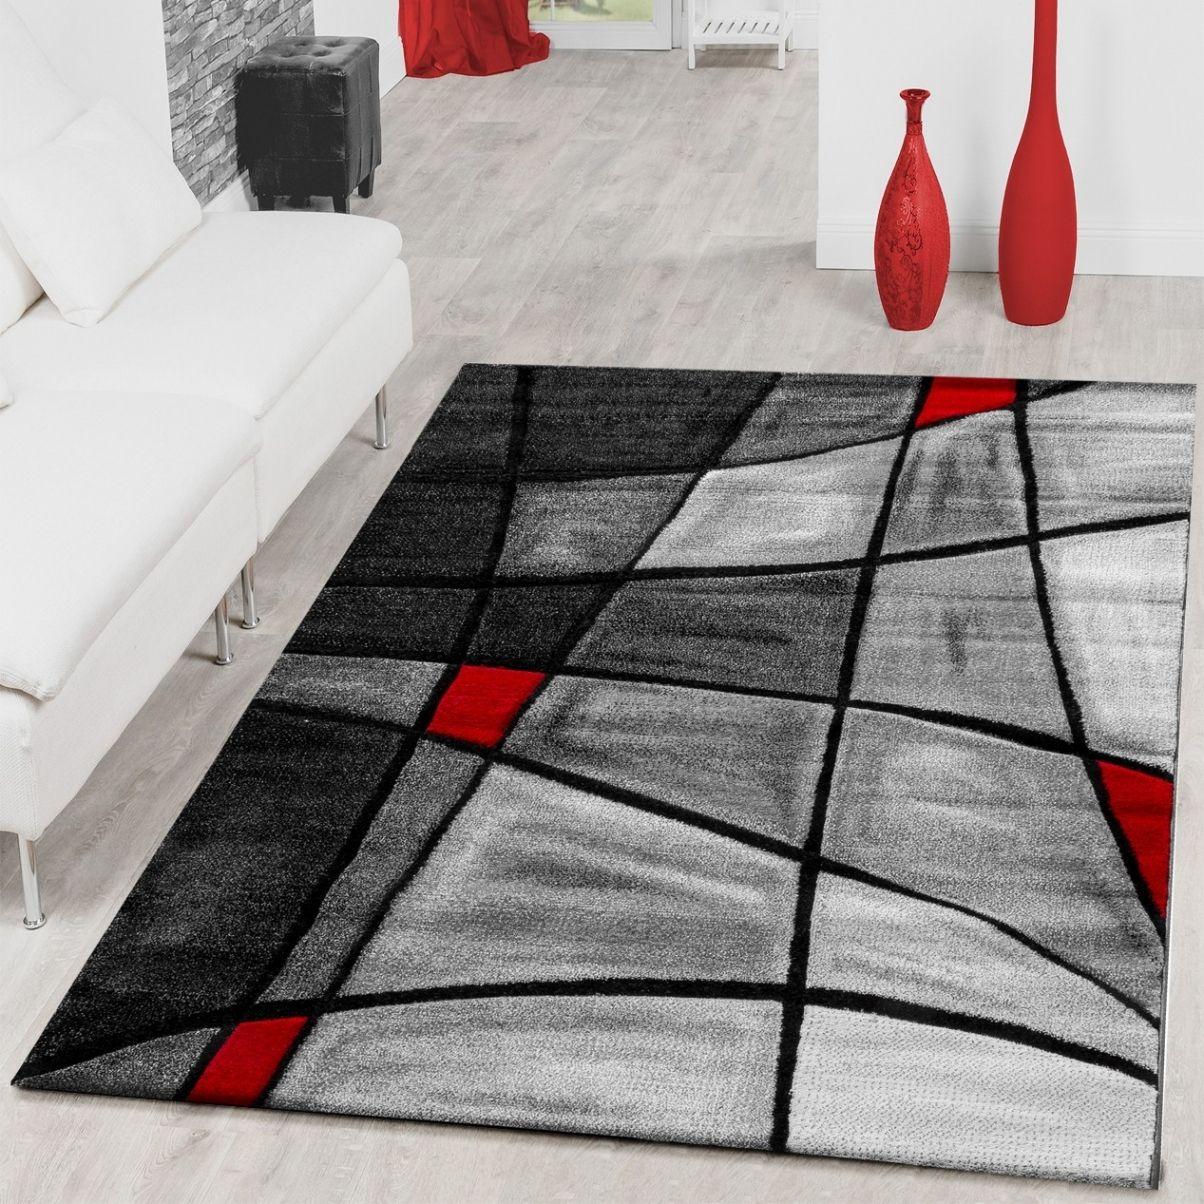 Elegant Elegant Wohnzimmer Rot Grau Wohnzimmer Böden, Elegantes Wohnzimmer, Grau,  Zimmerteppiche, Porto,